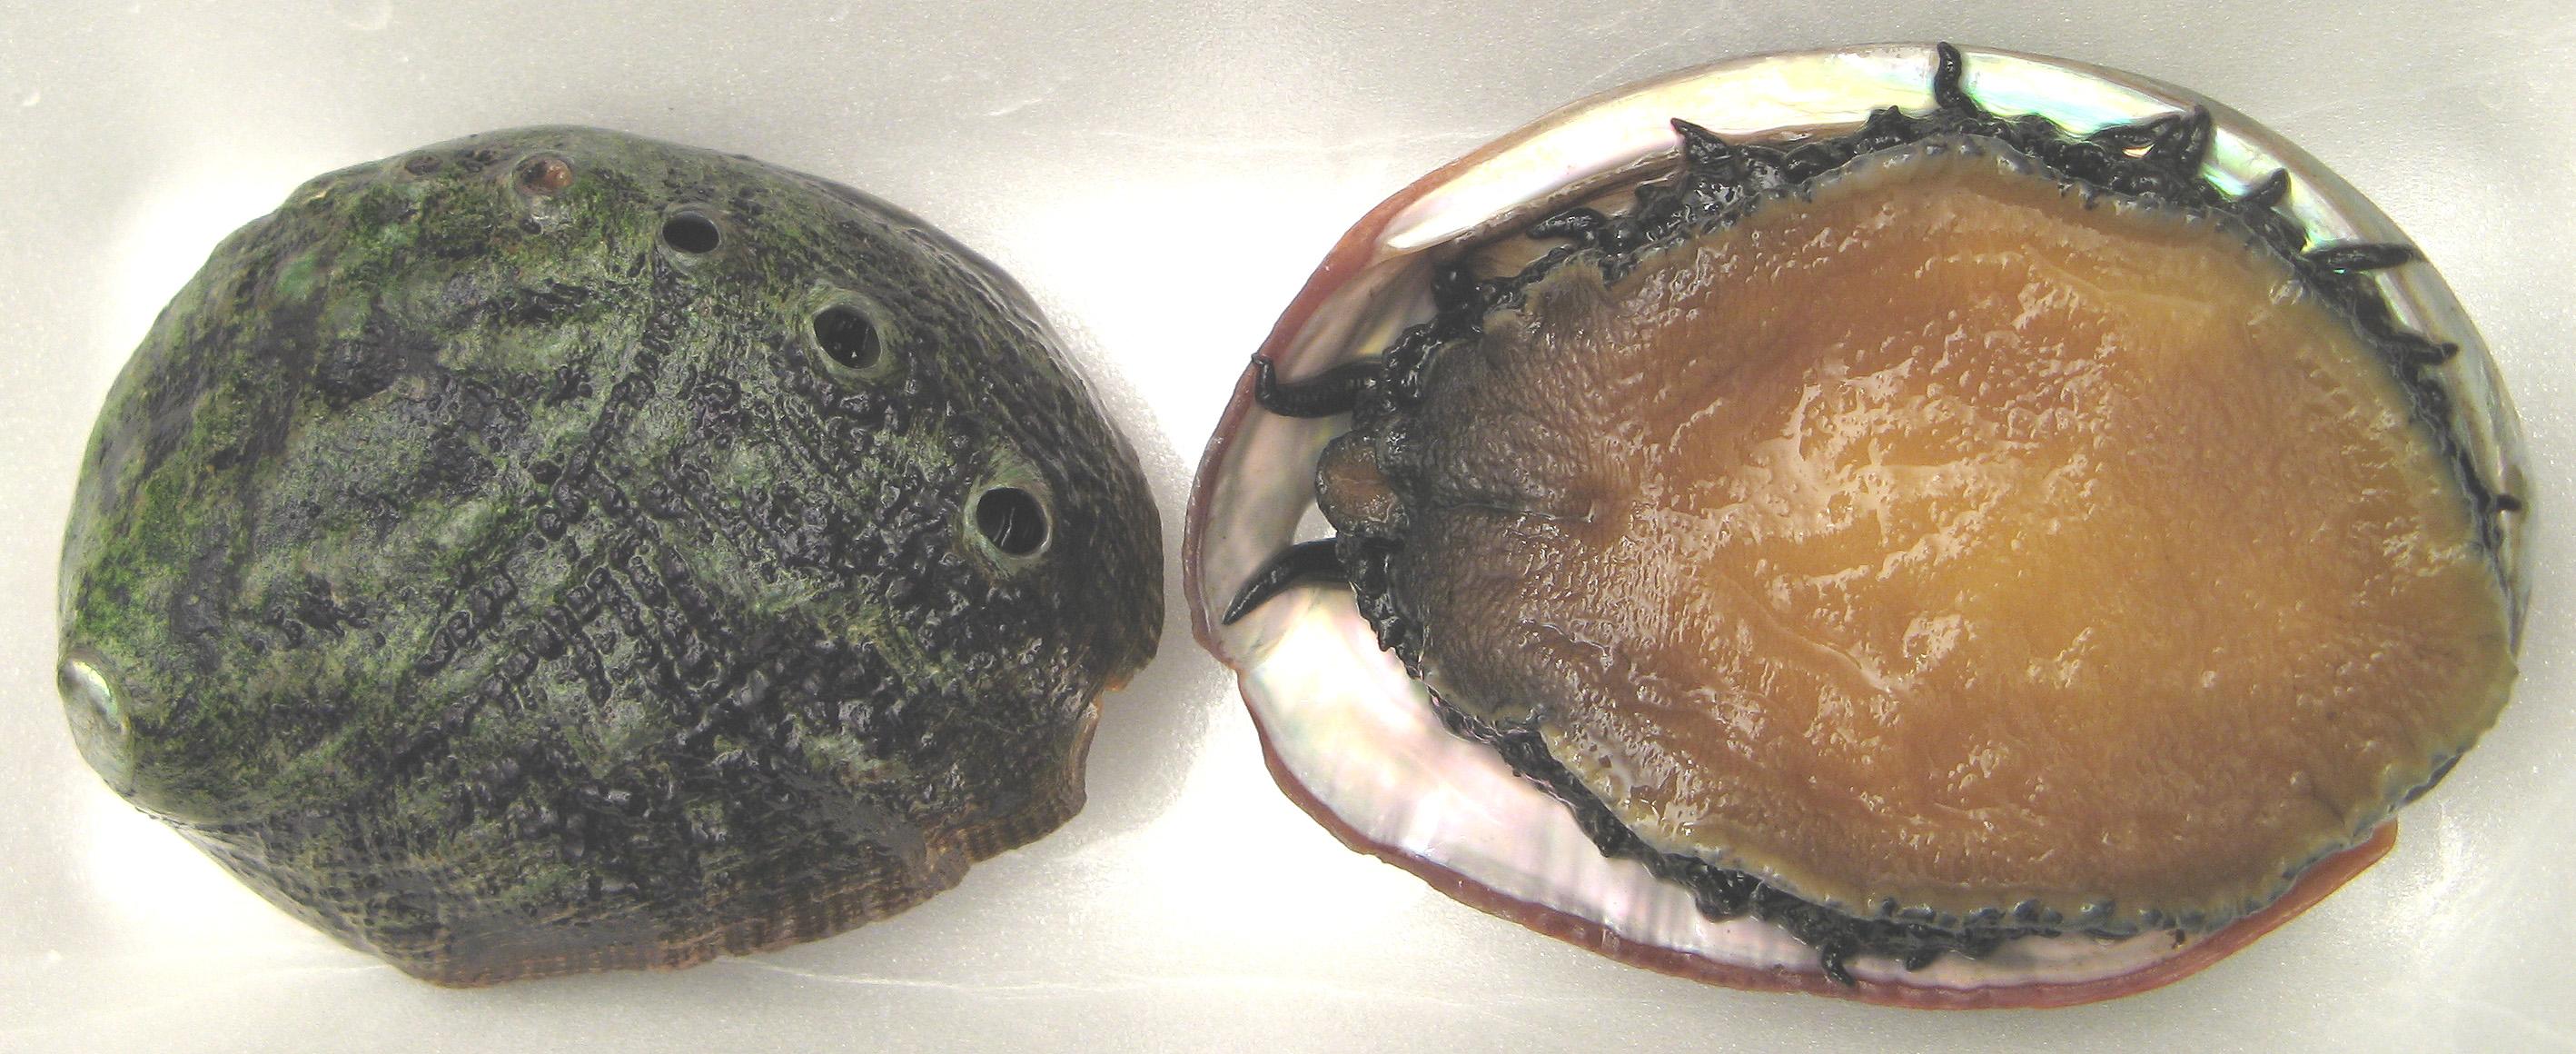 White abalone Haliotis sorenseni.jpg